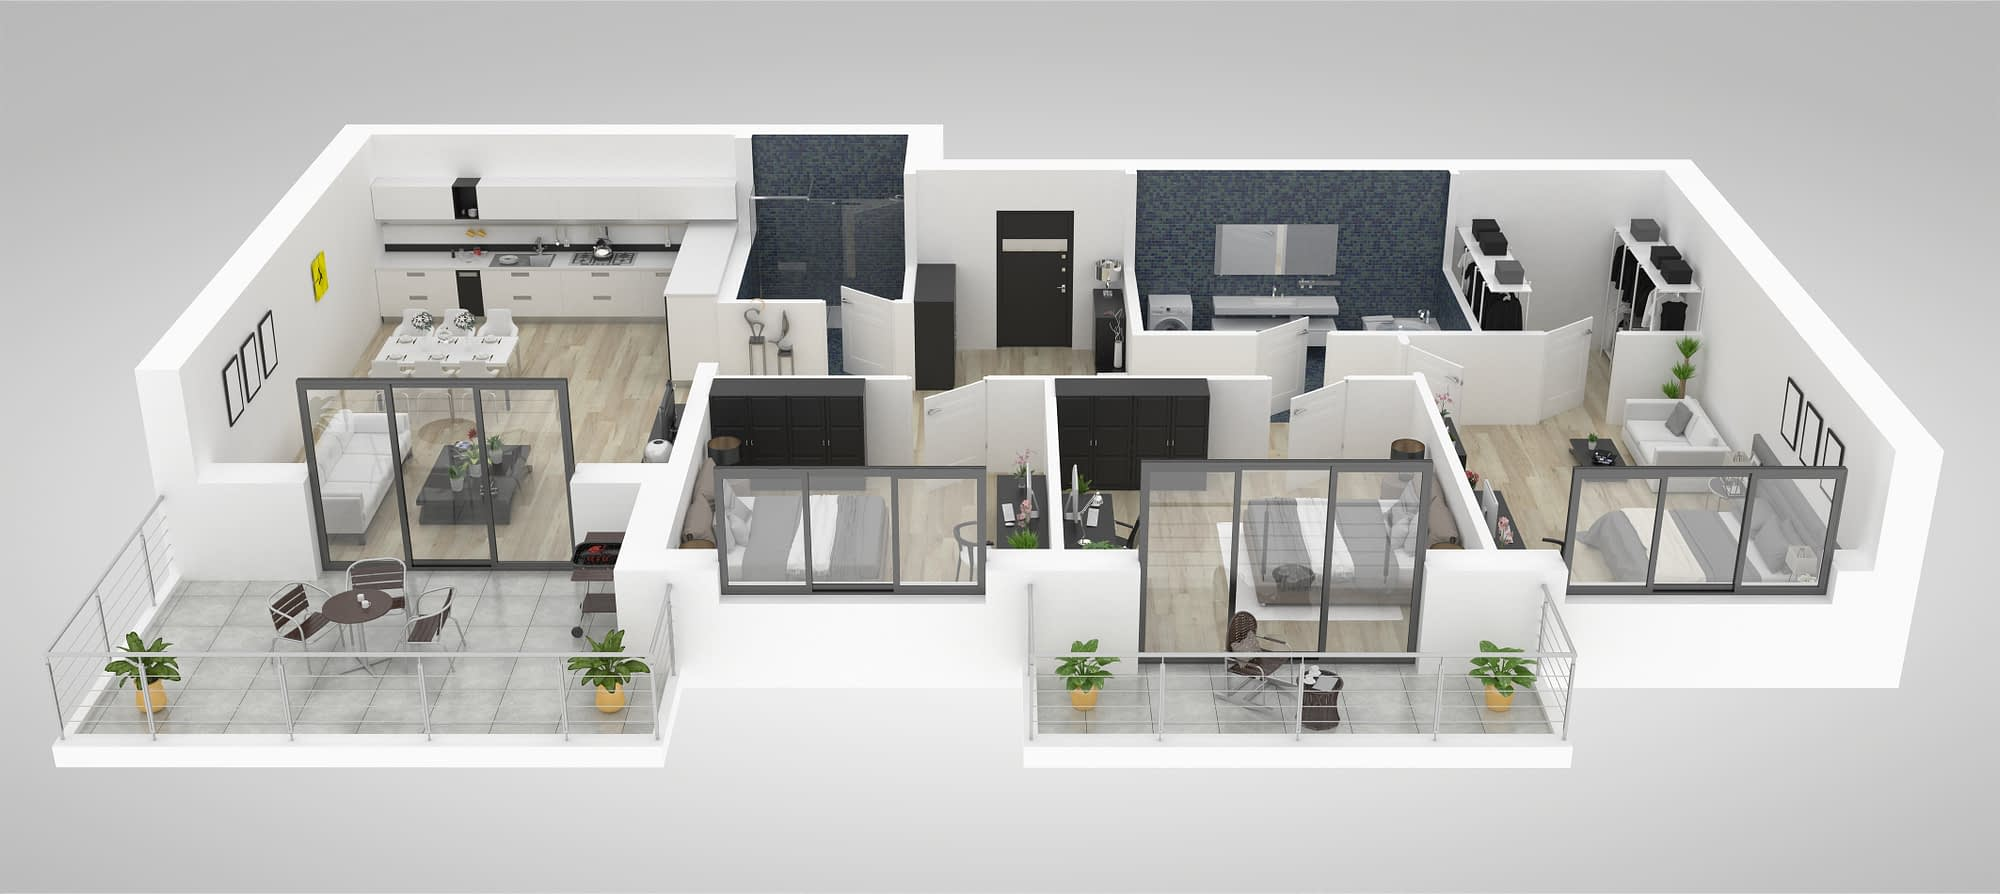 Exemple de projet 3D permettant au client de se projeter dans leur futur intérieur